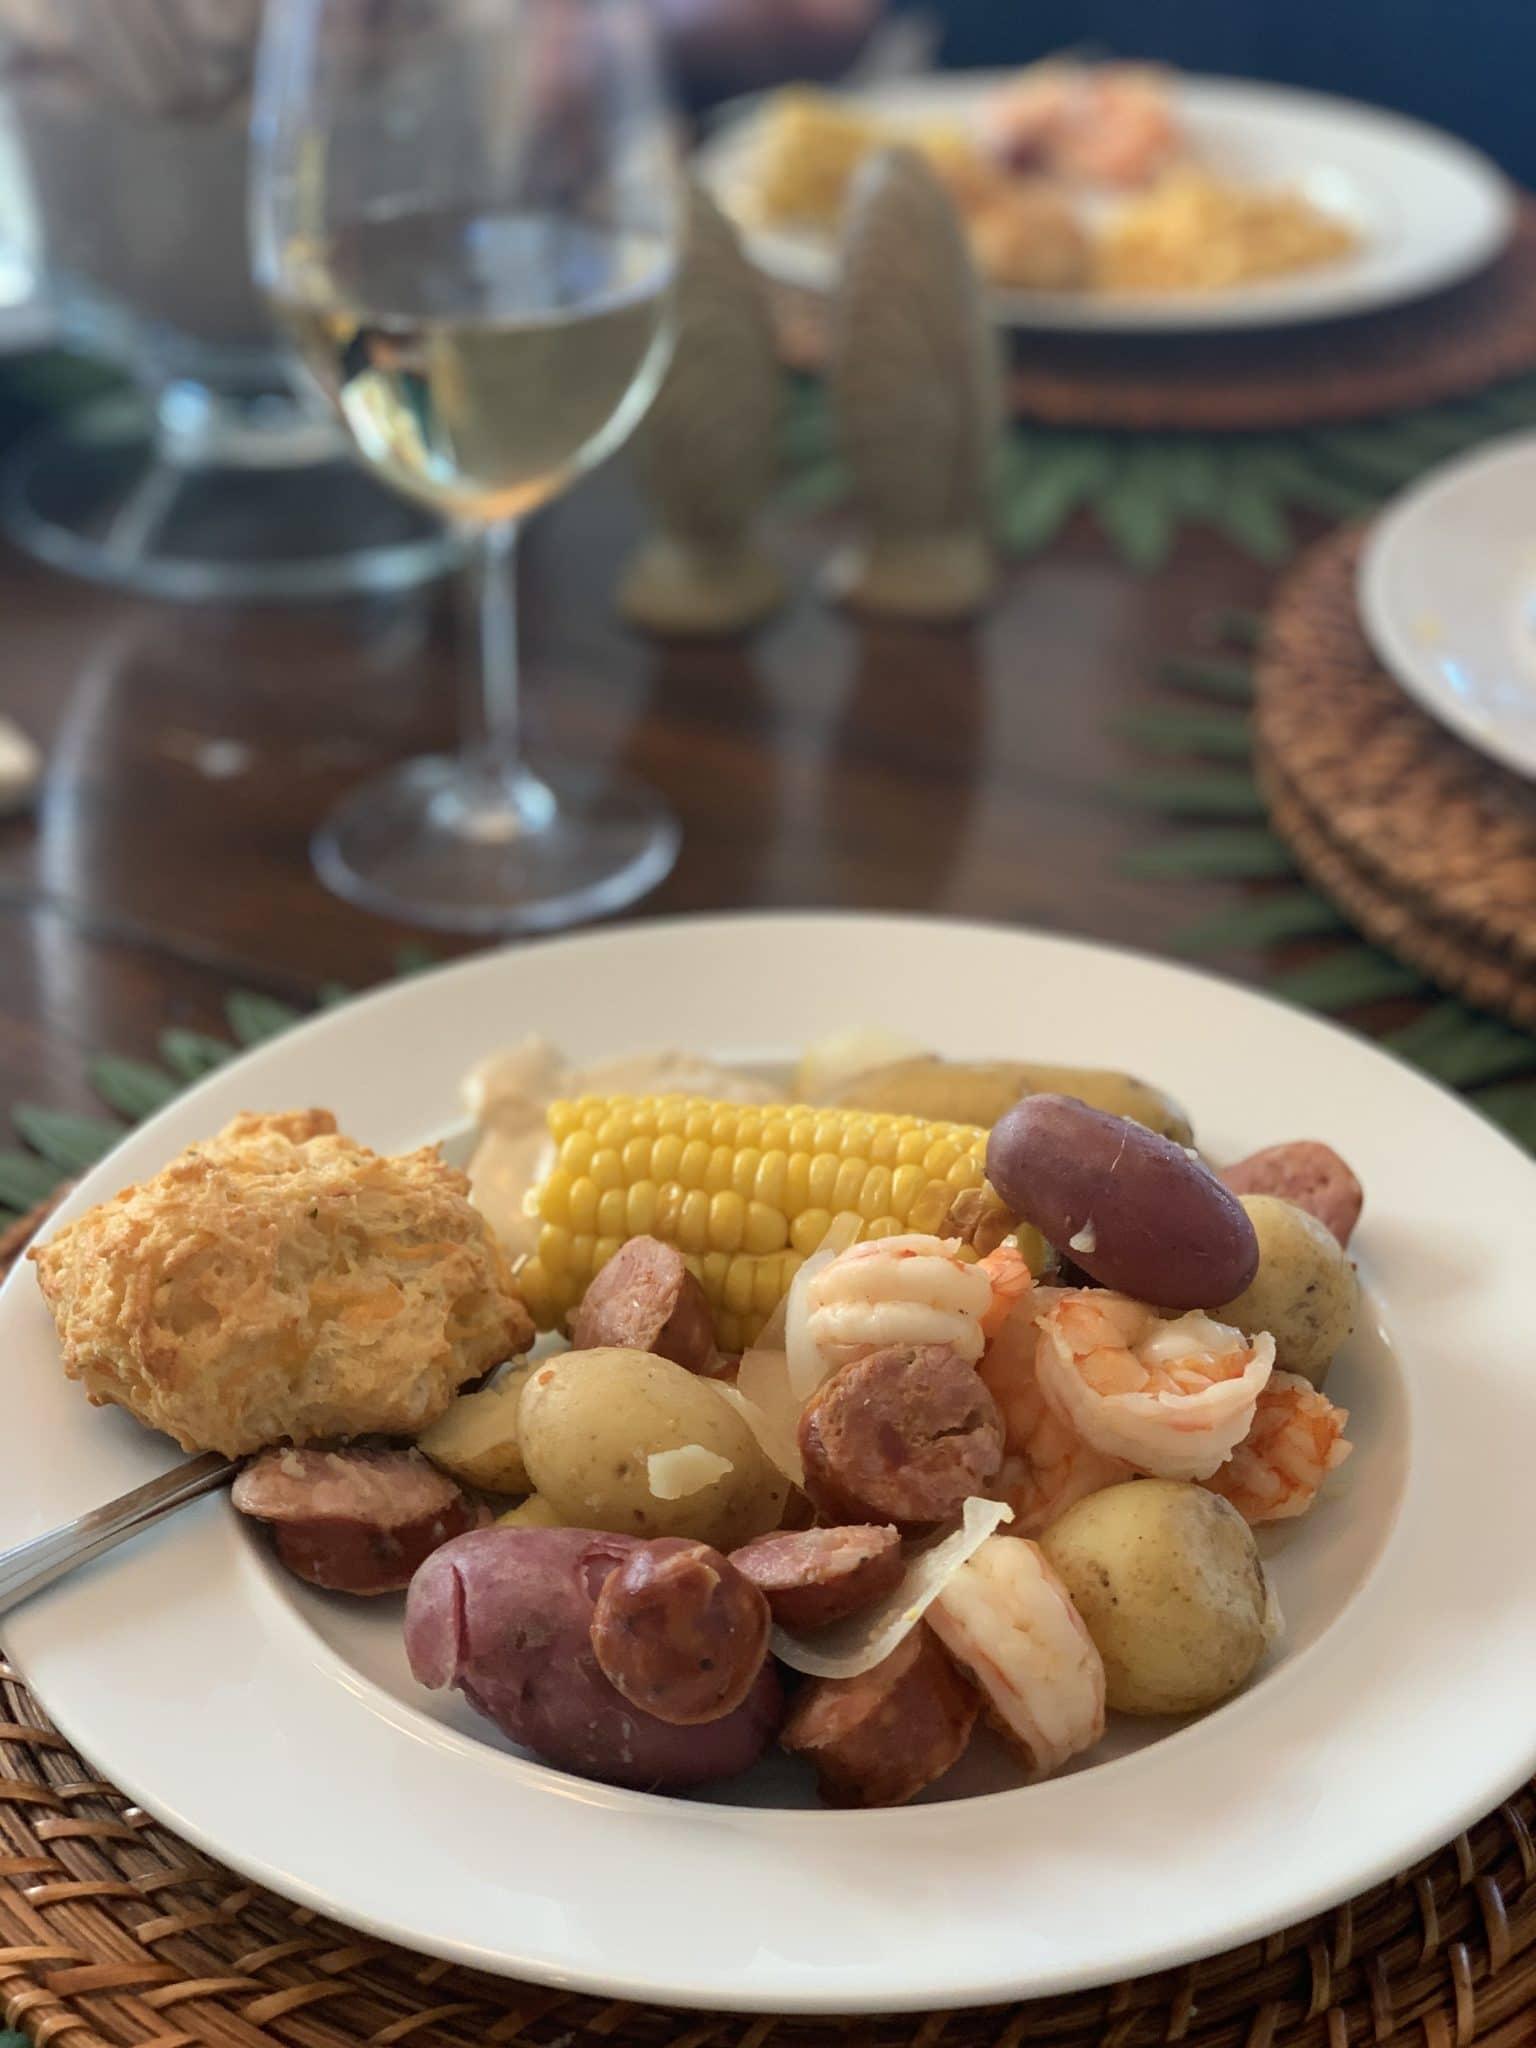 Goatfeathers fresh seafood market, 30A, Destin, Florida vacation 2021, Stilettos and Diapers